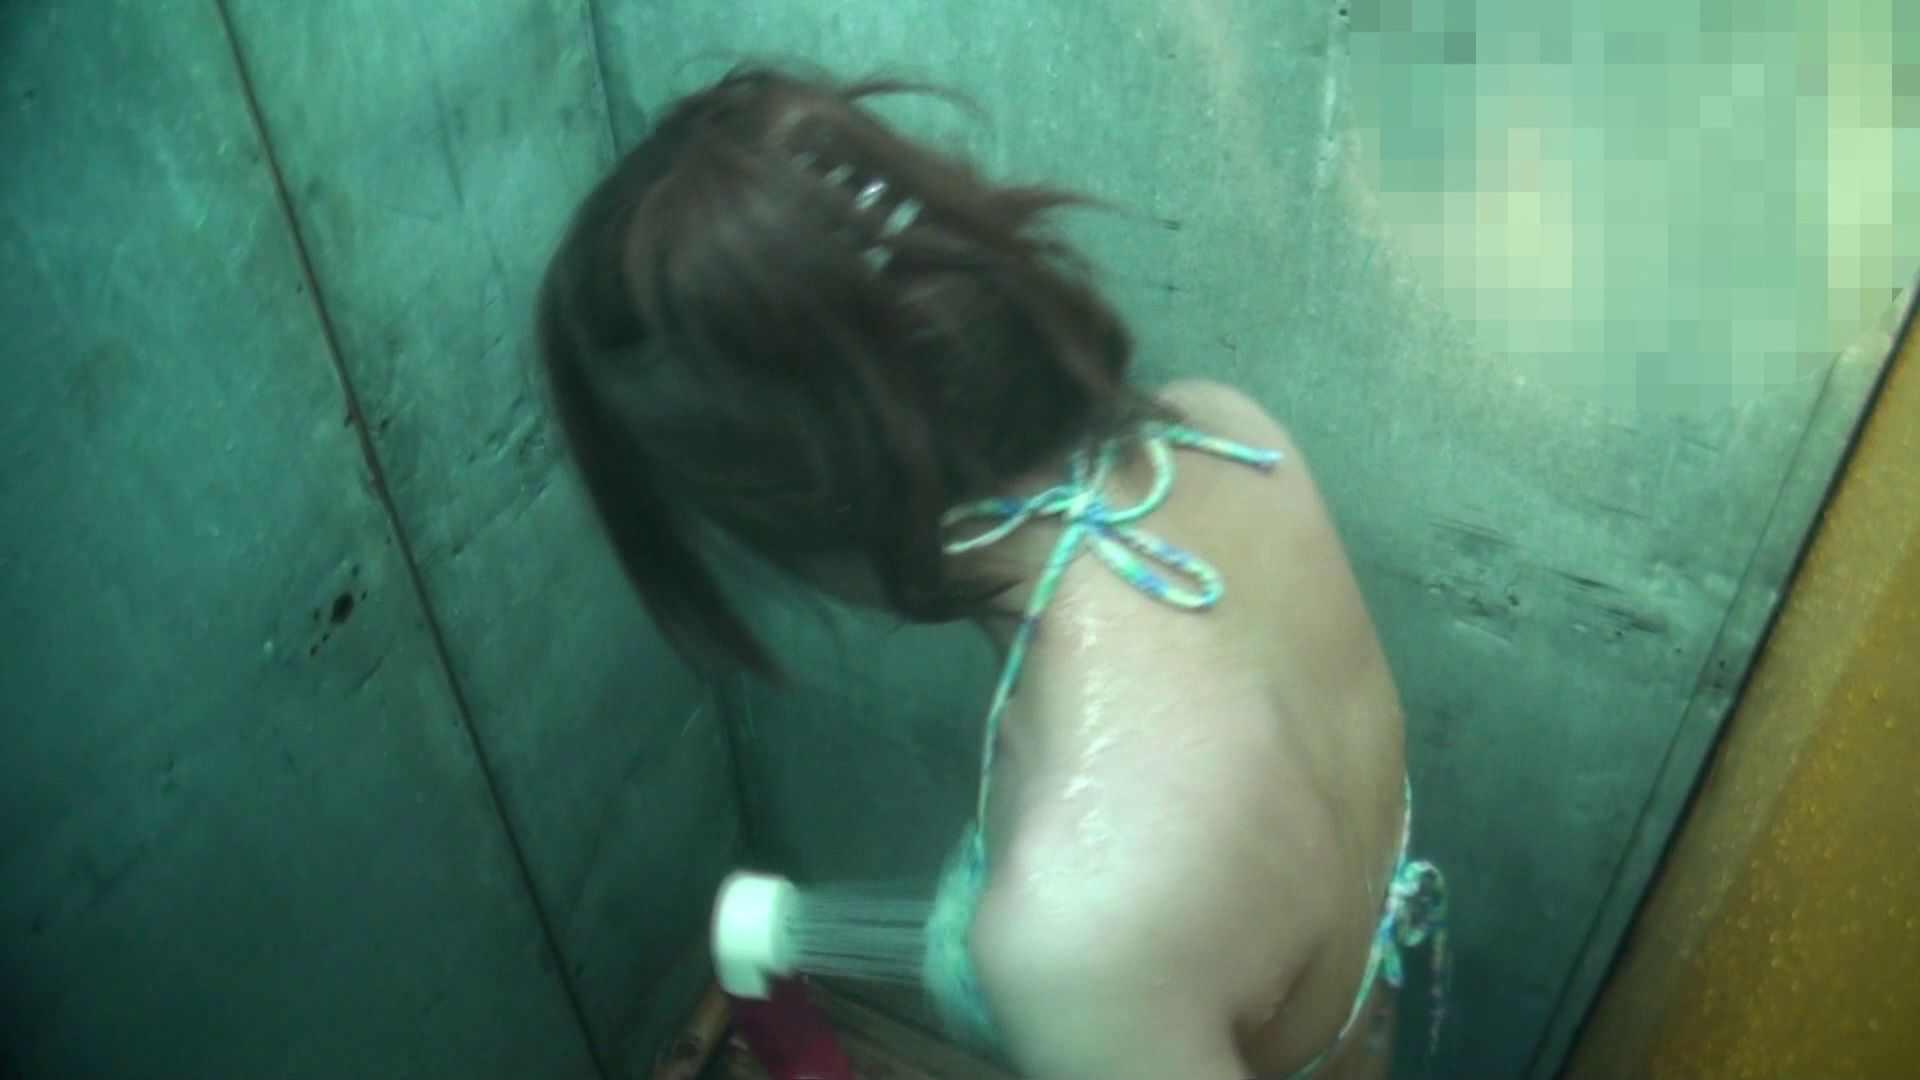 シャワールームは超!!危険な香りVol.15 残念ですが乳首未確認 マンコの砂は入念に すけべなOL エロ画像 106画像 27